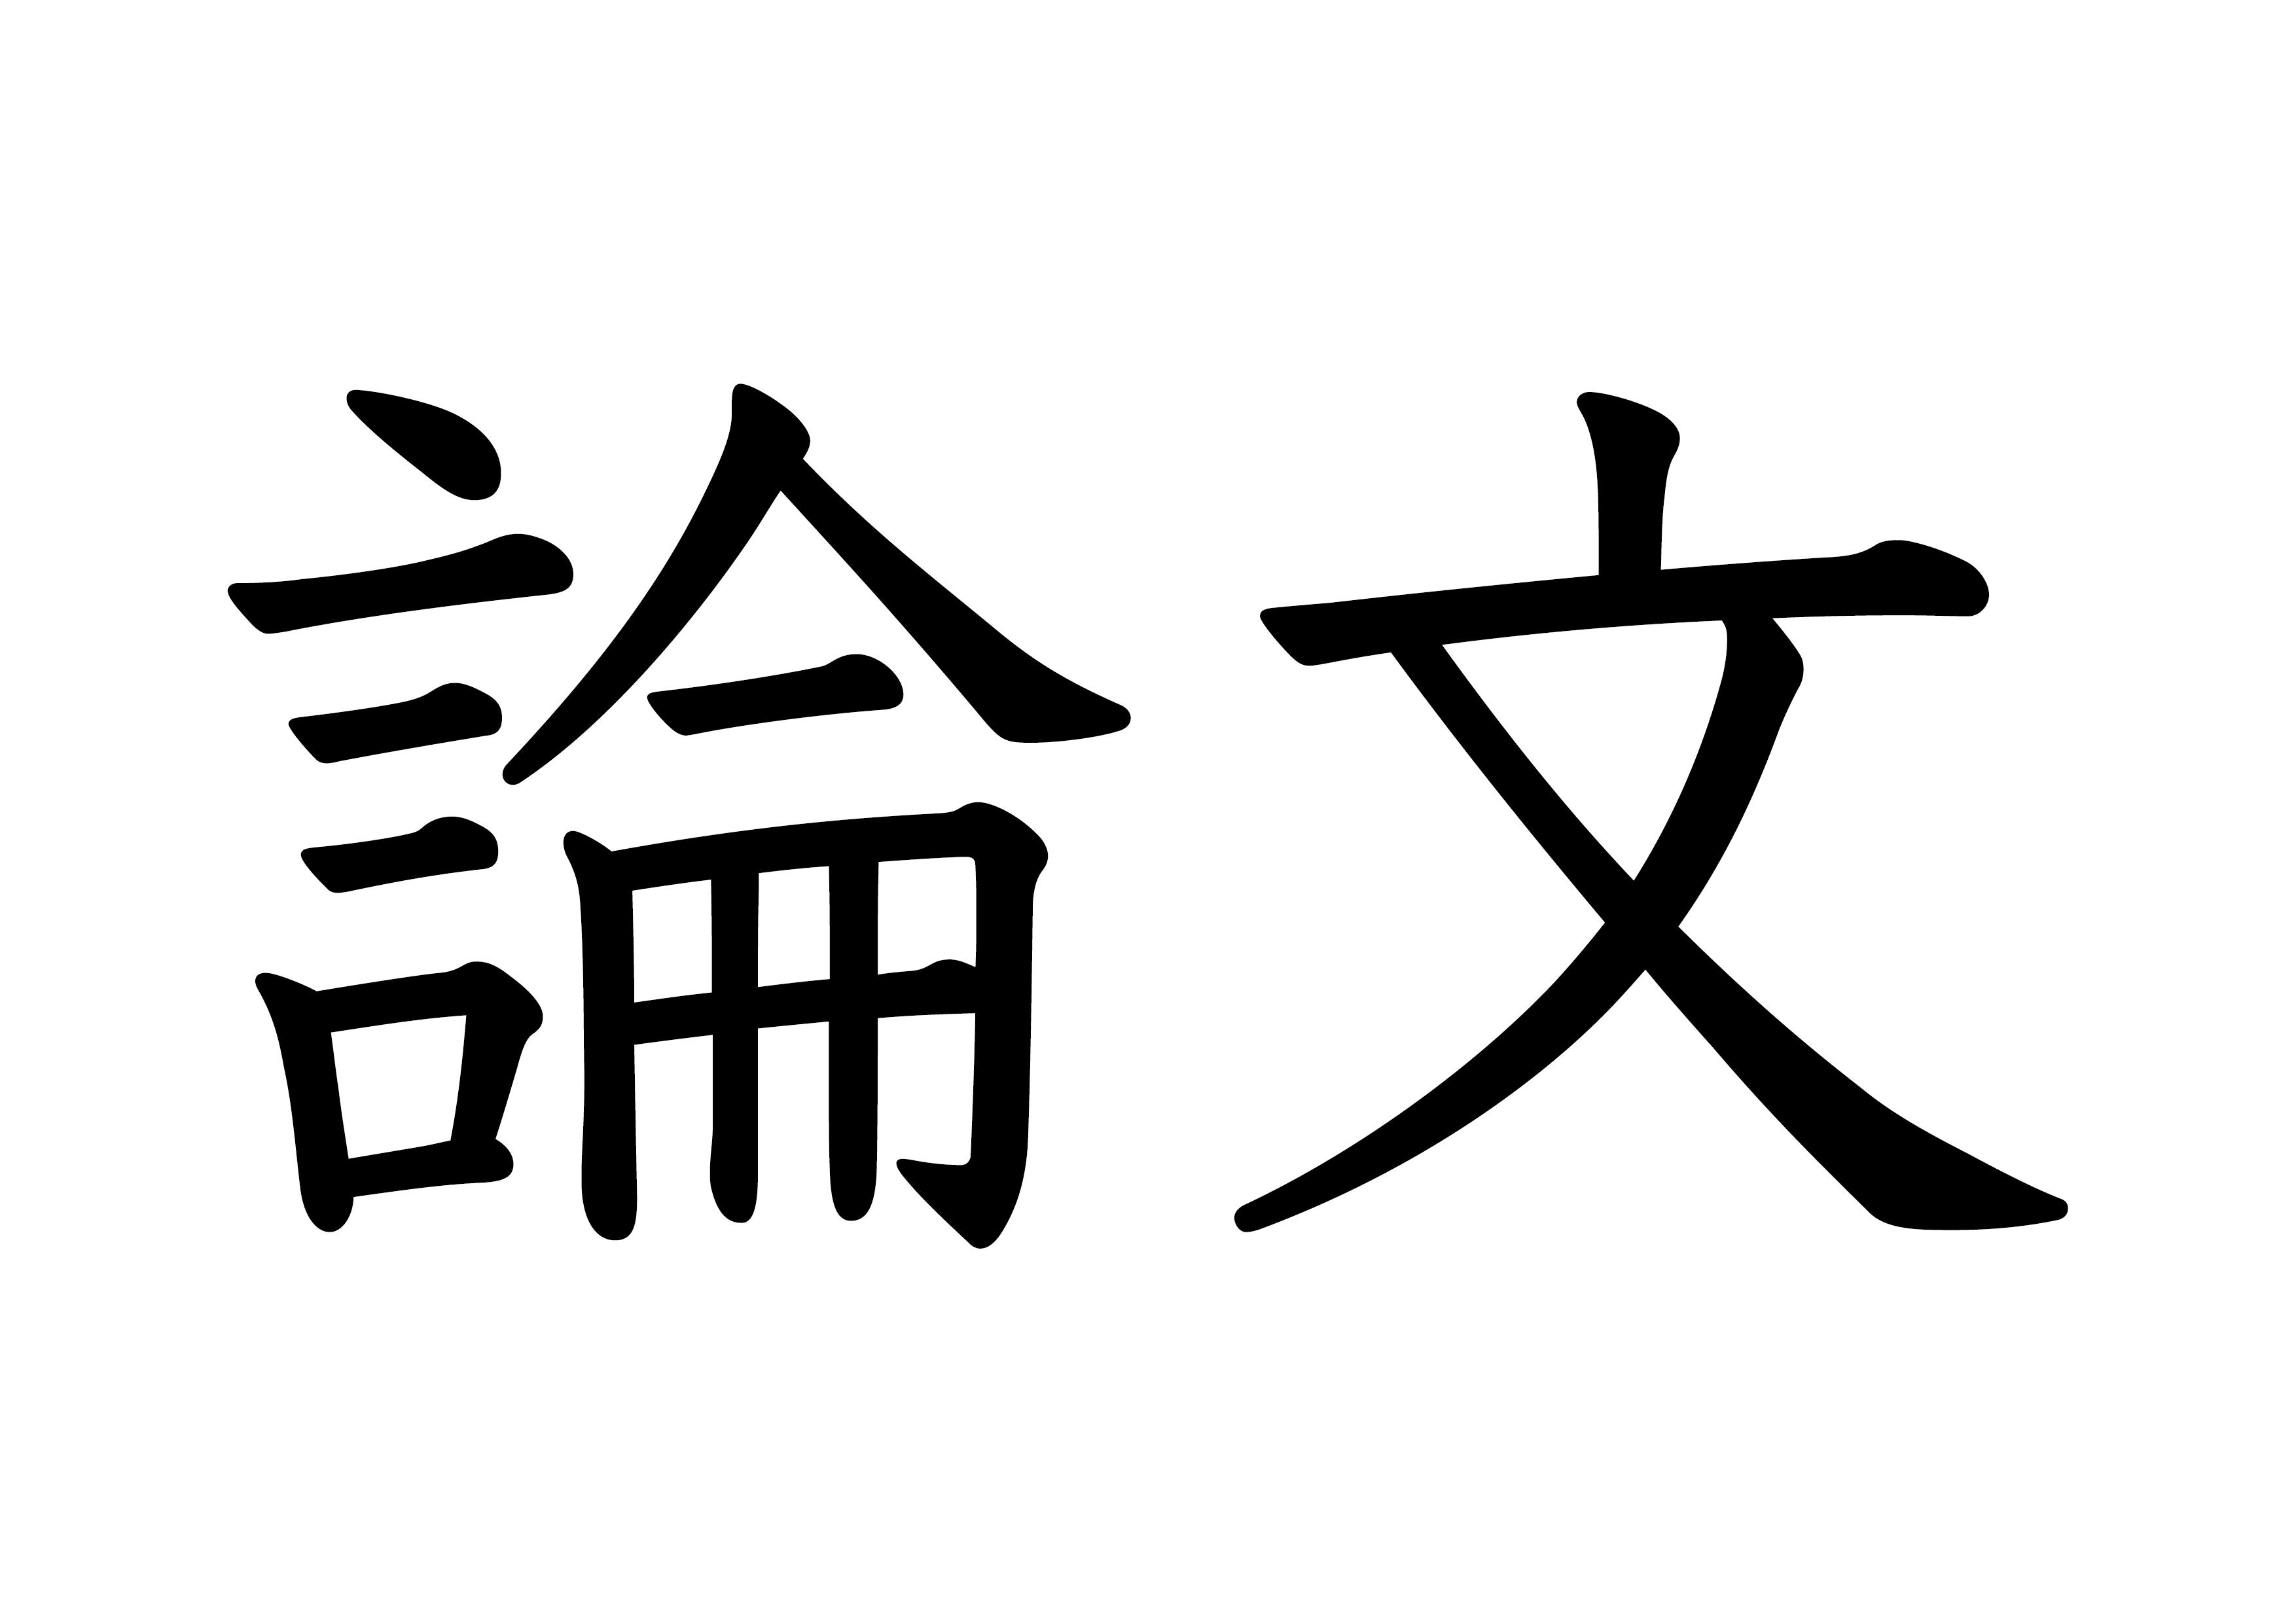 42課文字カード【論文】